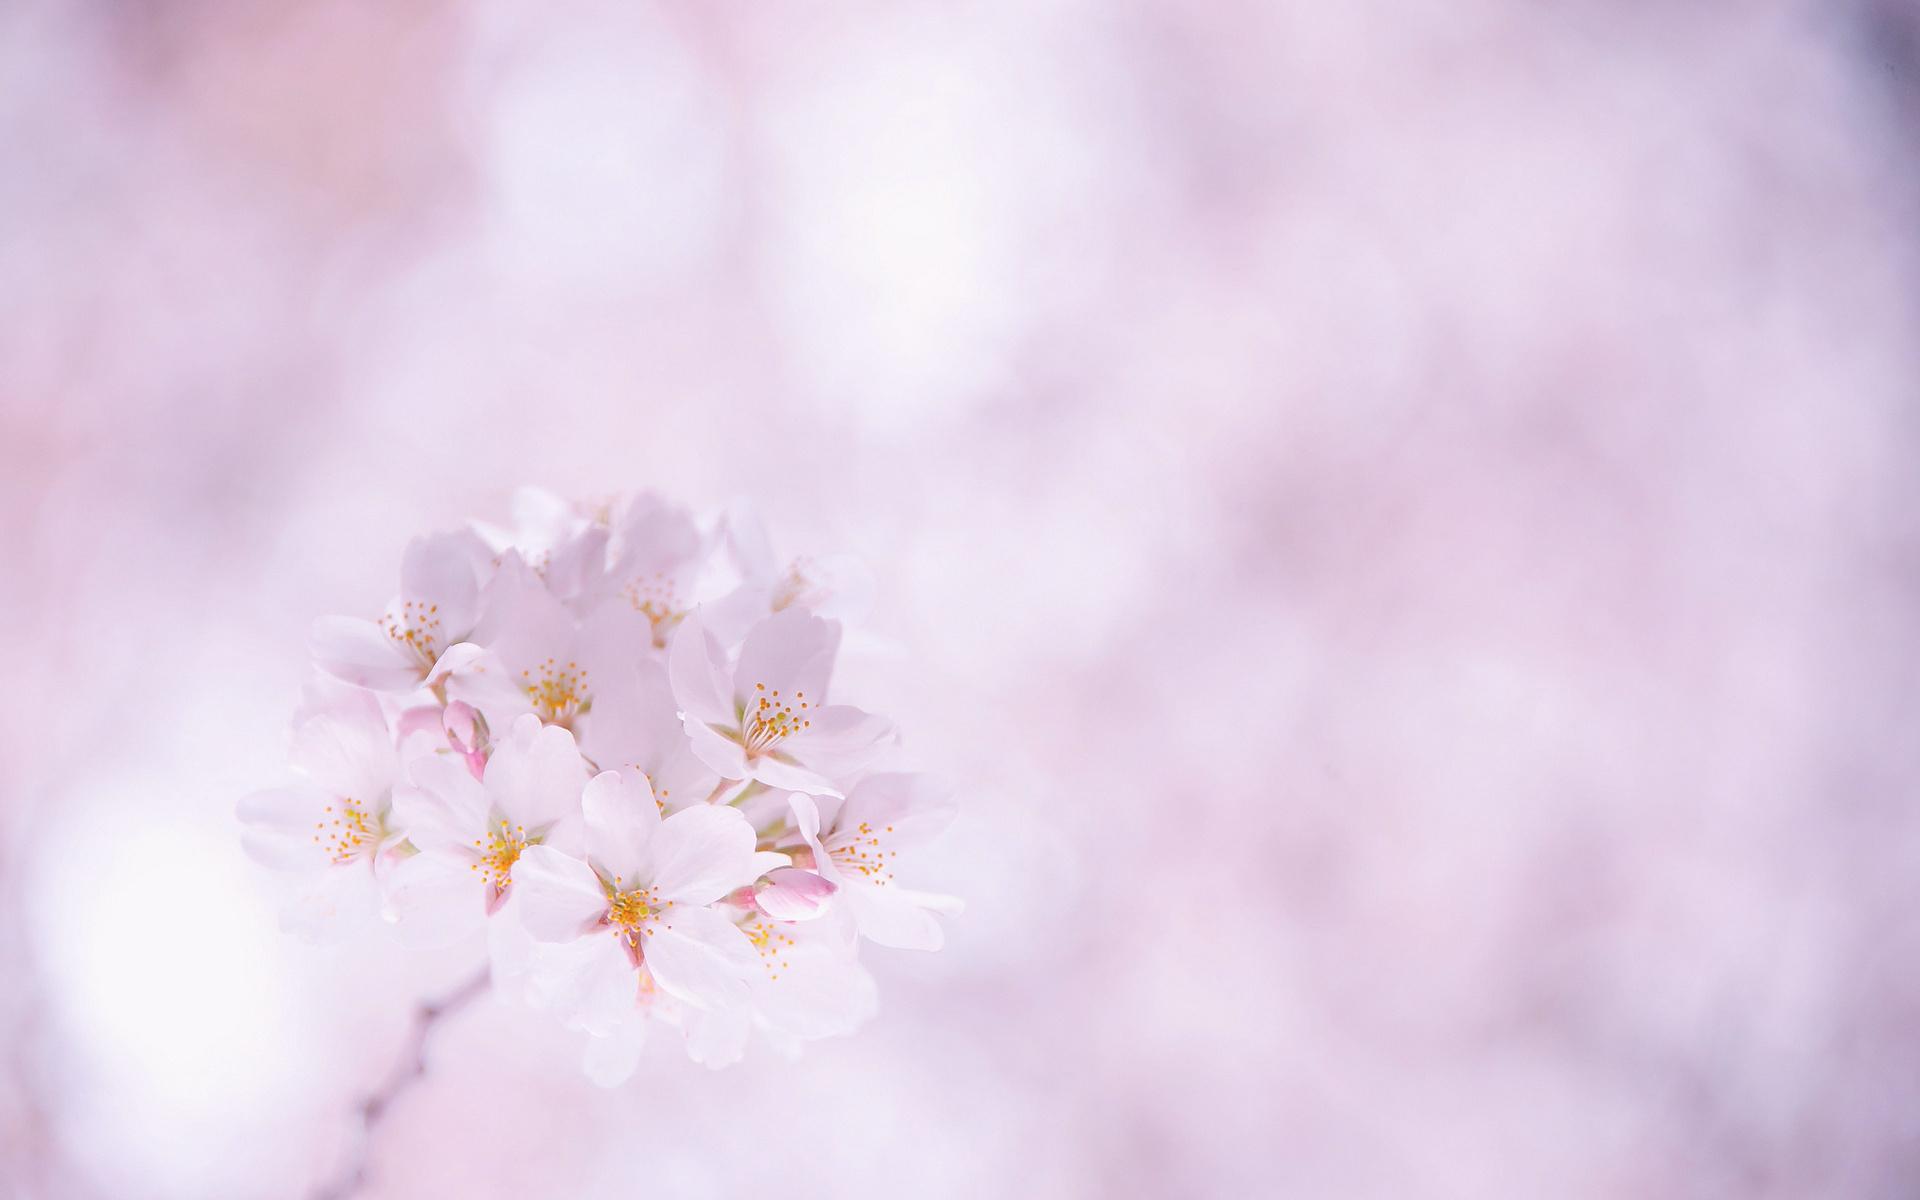 картинки весны со светлым фоном слов нет